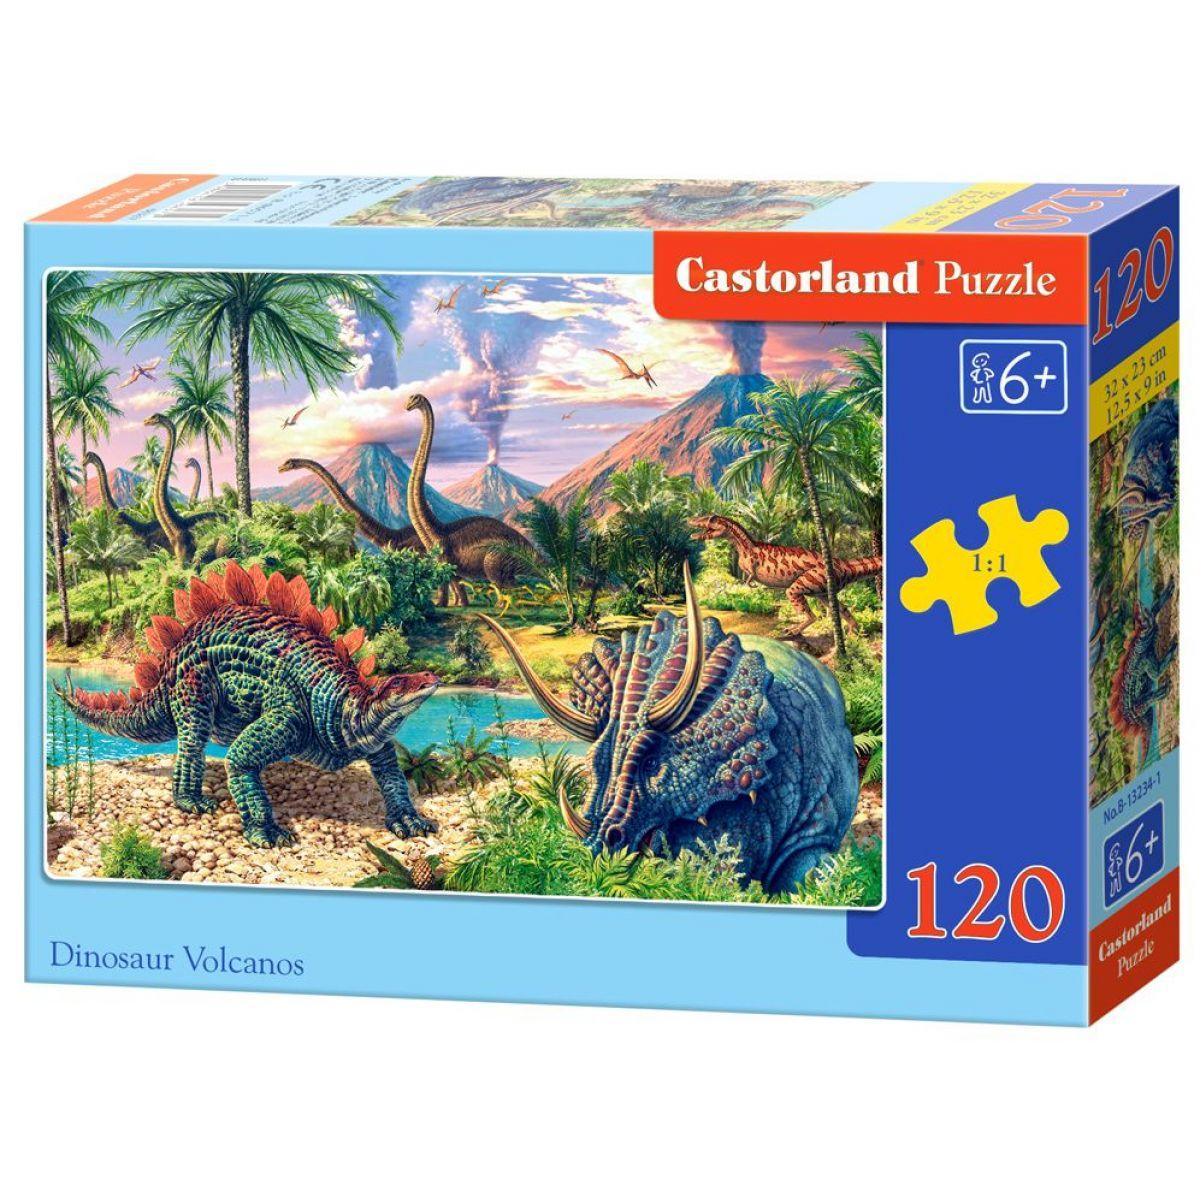 Castorland Puzzle 120 dielikov Dinosaurské vulkány